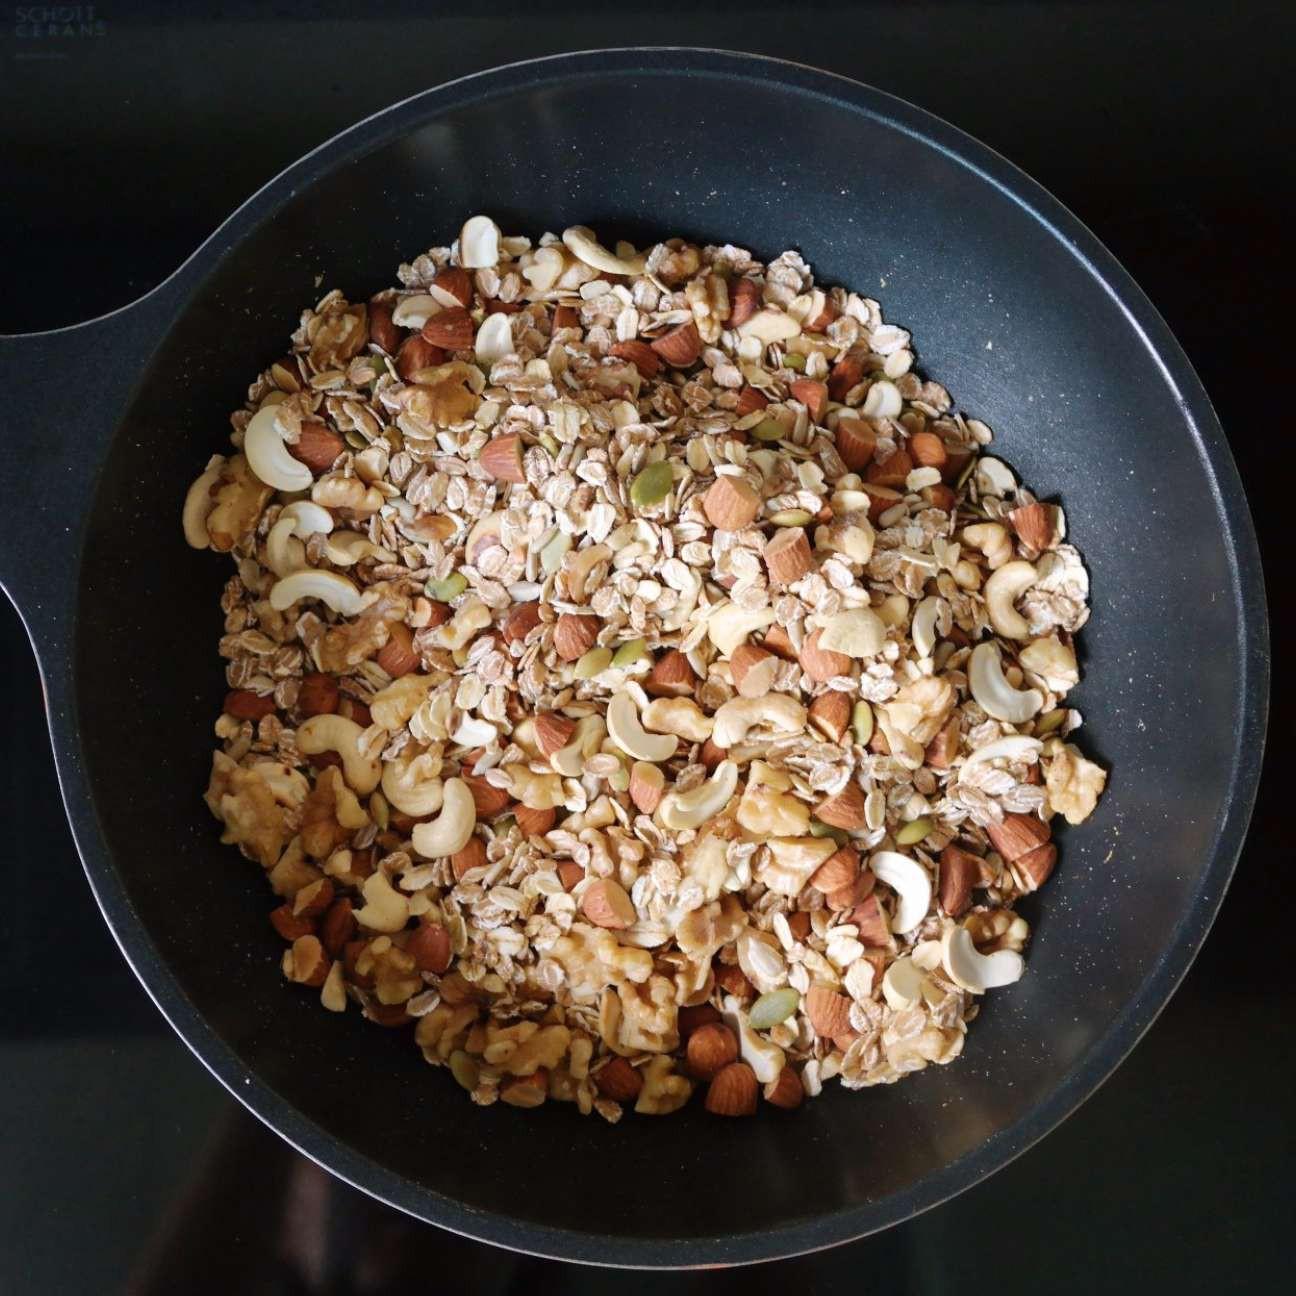 Cuối tuần rảnh làm ngay thanh ngũ cốc để ăn dần trong cả tuần cực tiện - 1